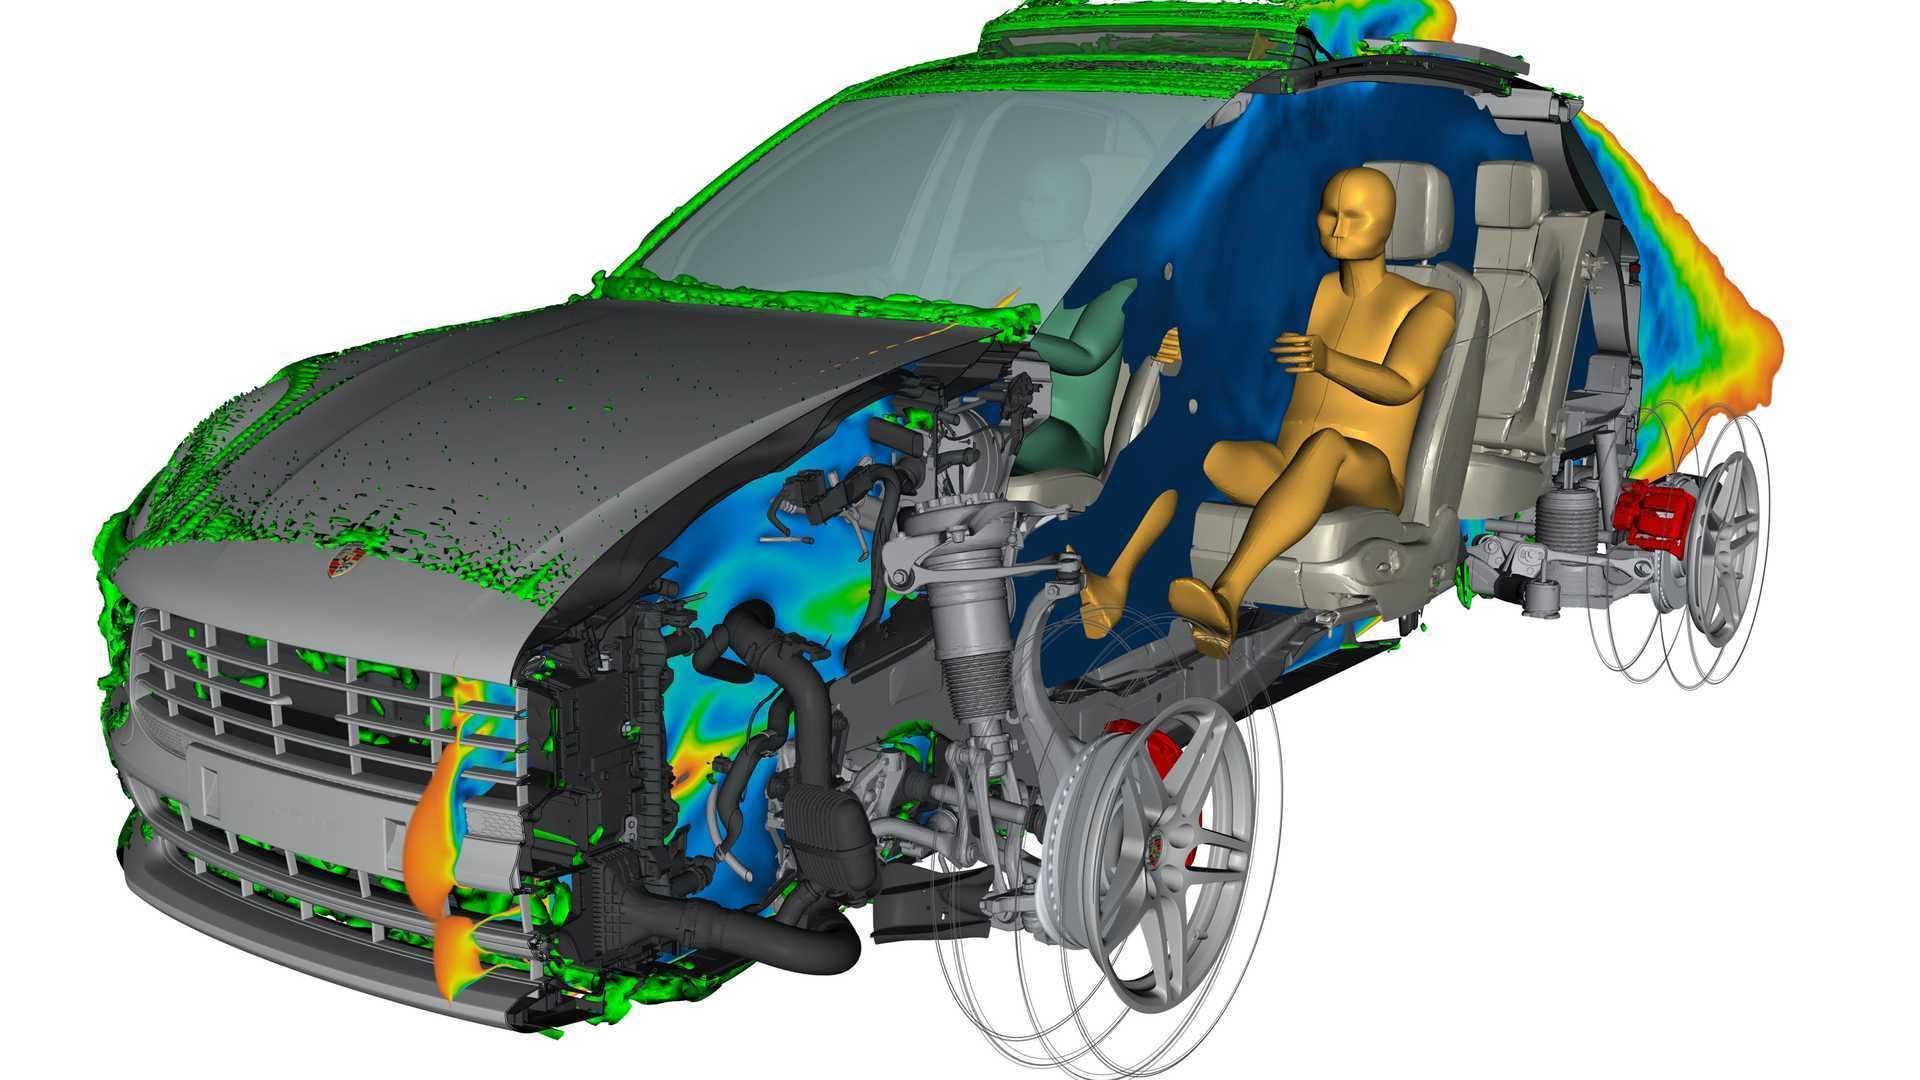 Візуальна модель майбутнього електрокара